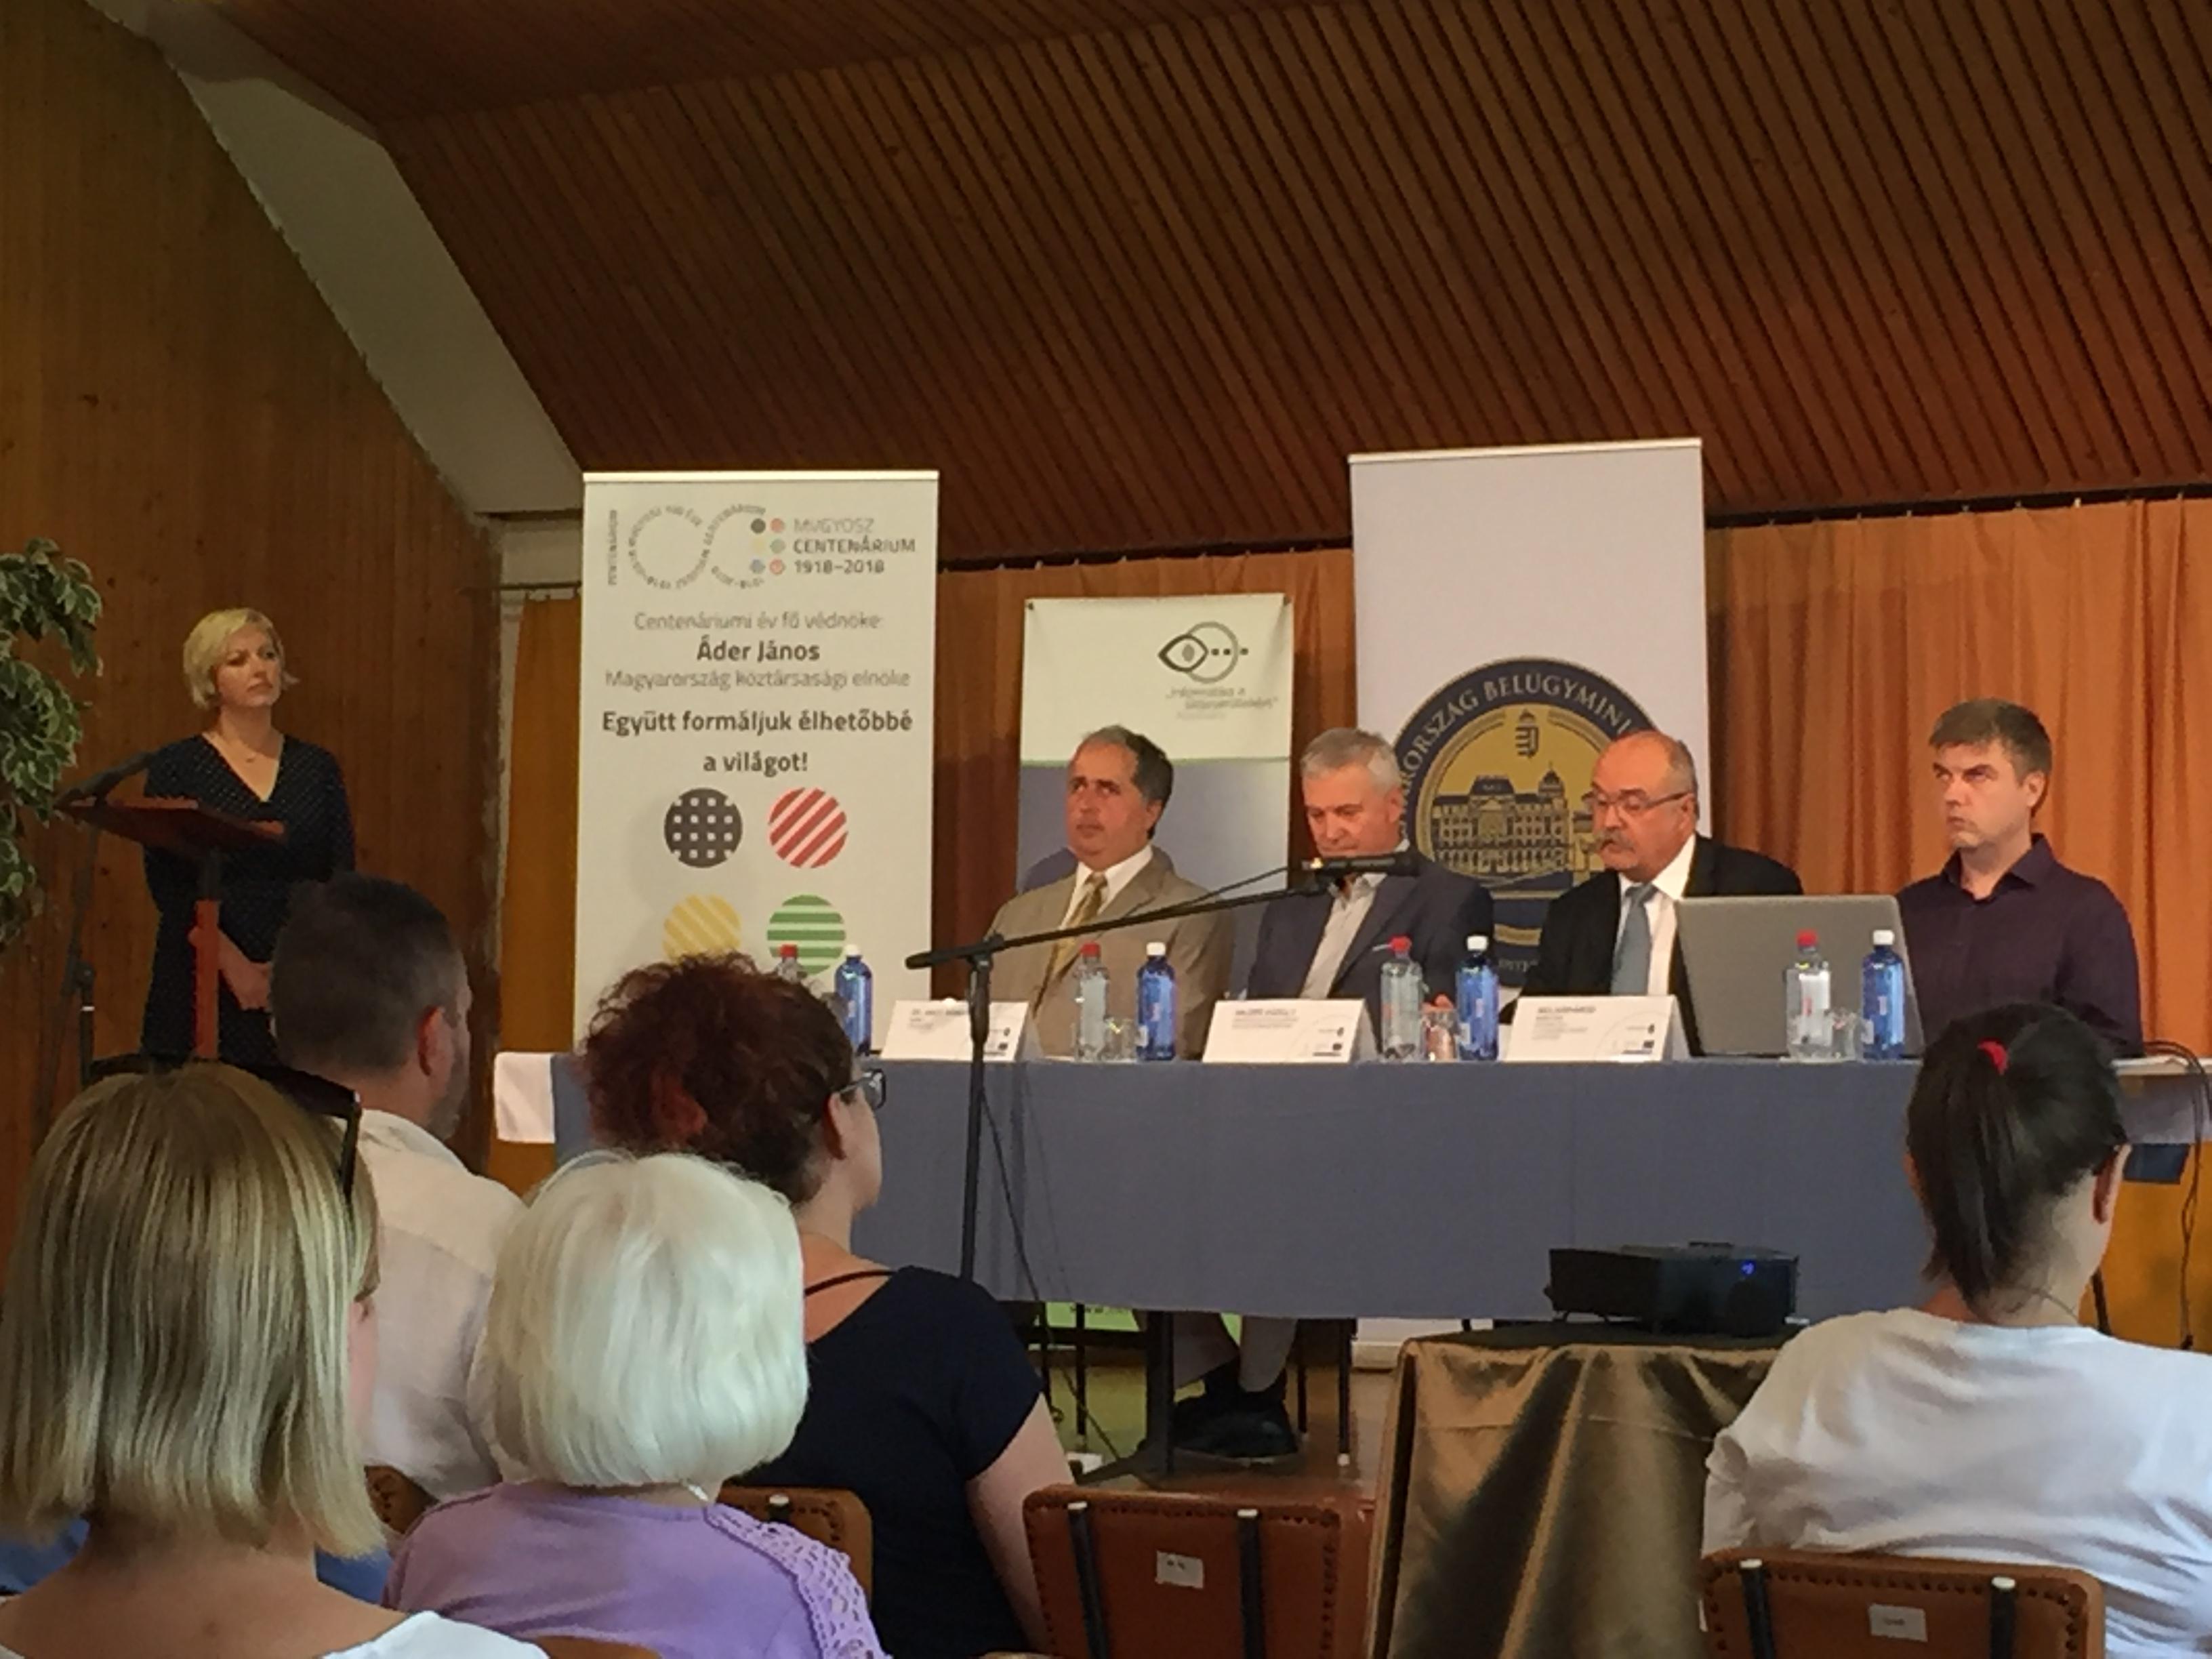 A csatolt fotón a sajtótájékoztató résztvevői láthatóak, balról jobbra: Szuhaj Mihály, INFOALAP elnök, Dr. Nagy Sándor, MVGYOSZ elnök, Hajzer Károly, BM informatikai helyettes államtitkár, Molnár Ákos, INFOALAP munkatárs